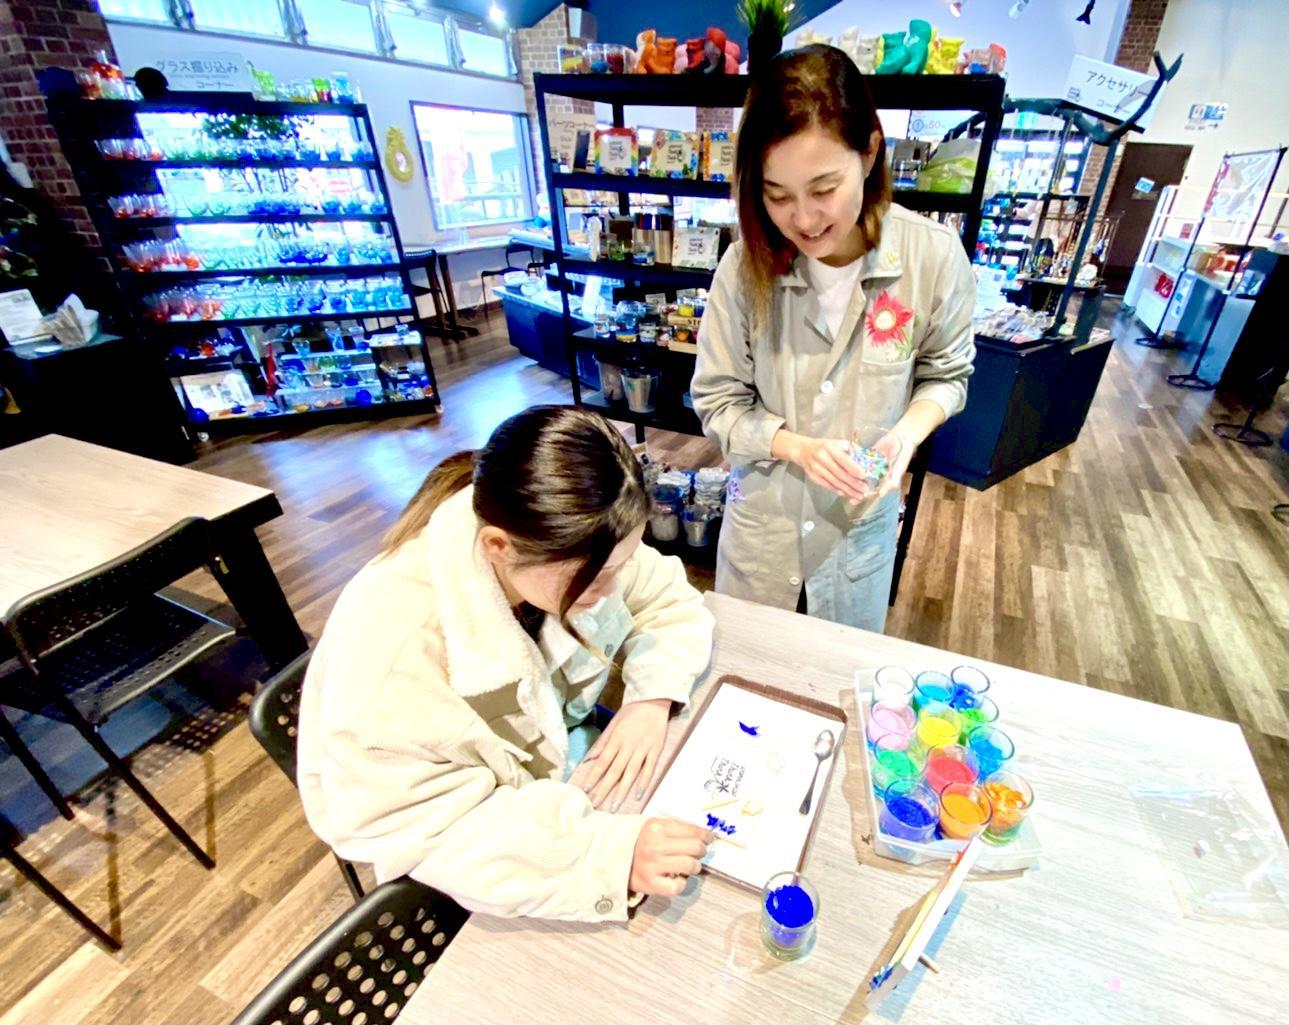 【琉球ガラス村で体験工房のアシスタント募集します】~2名採用・時給900円~・働きやすい環境完備~